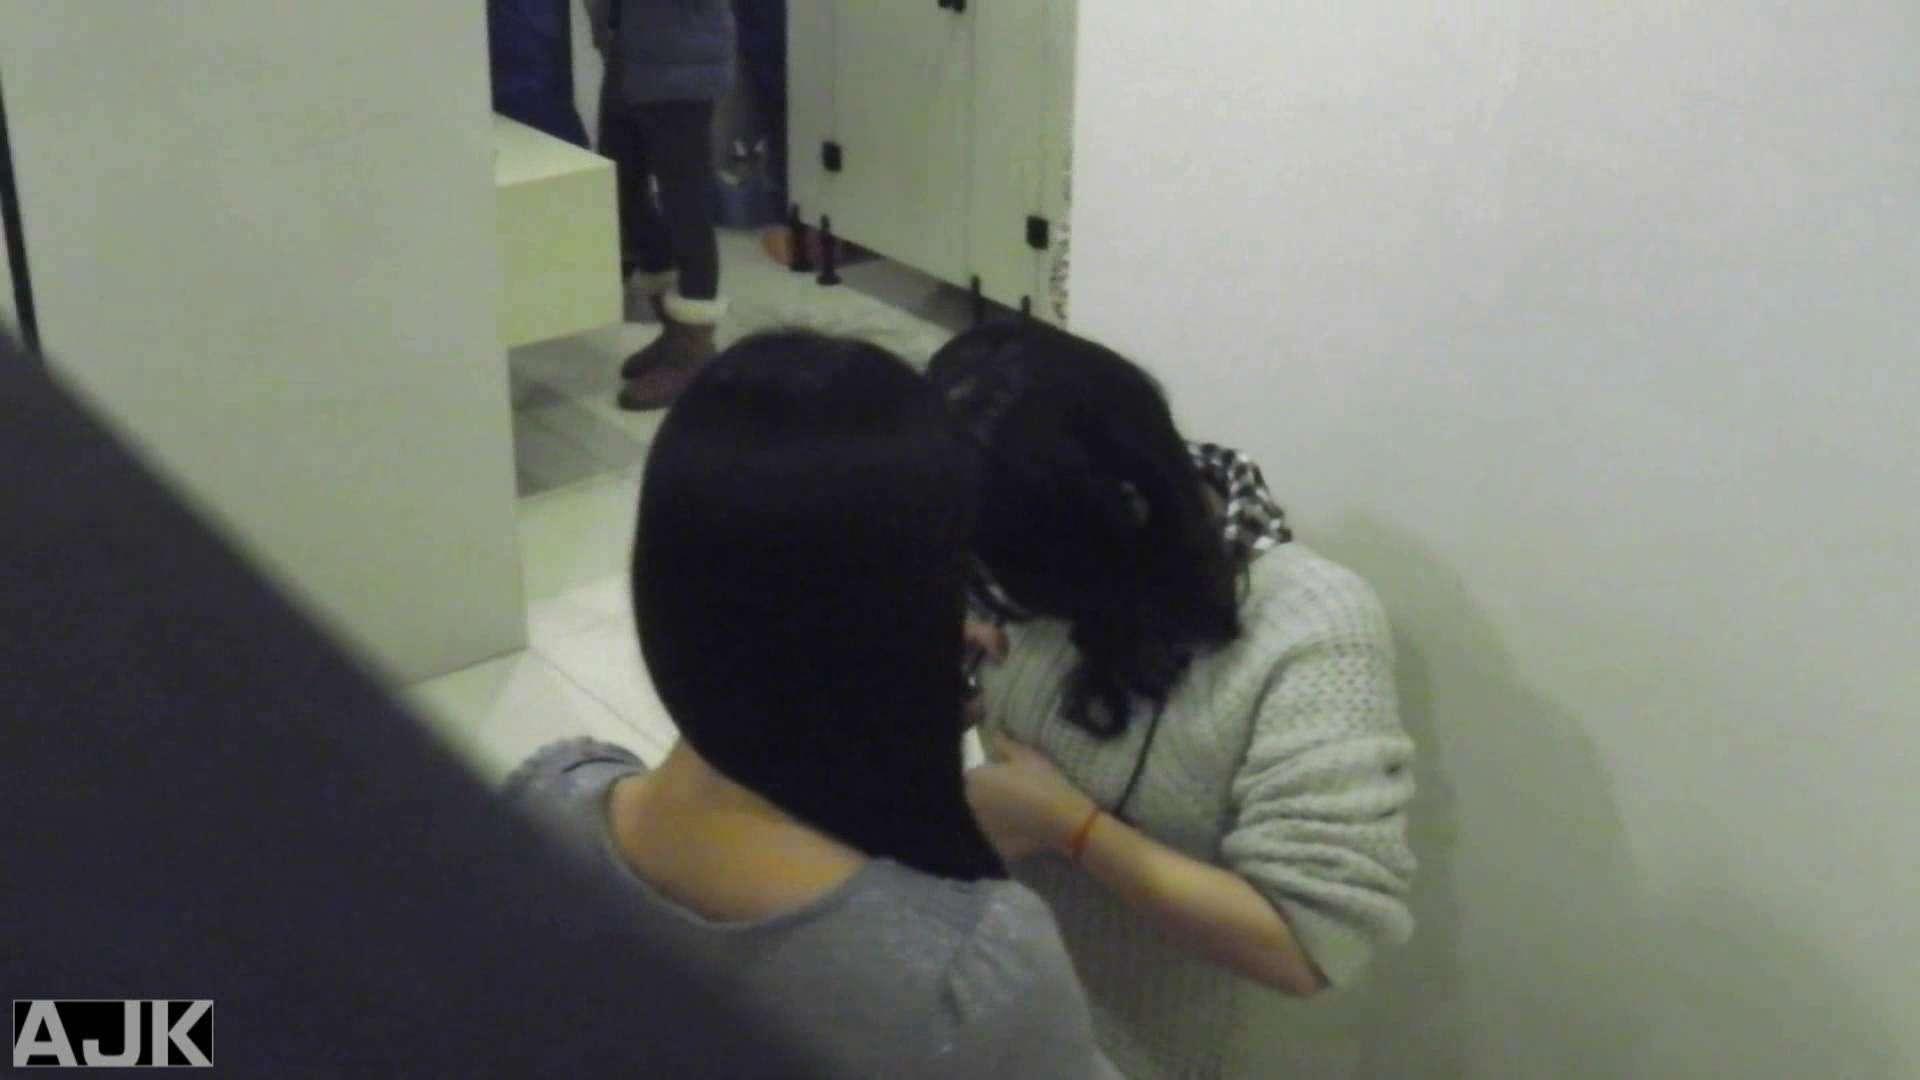 隣国上階級エリアの令嬢たちが集うデパートお手洗い Vol.11 お手洗い  67pic 6